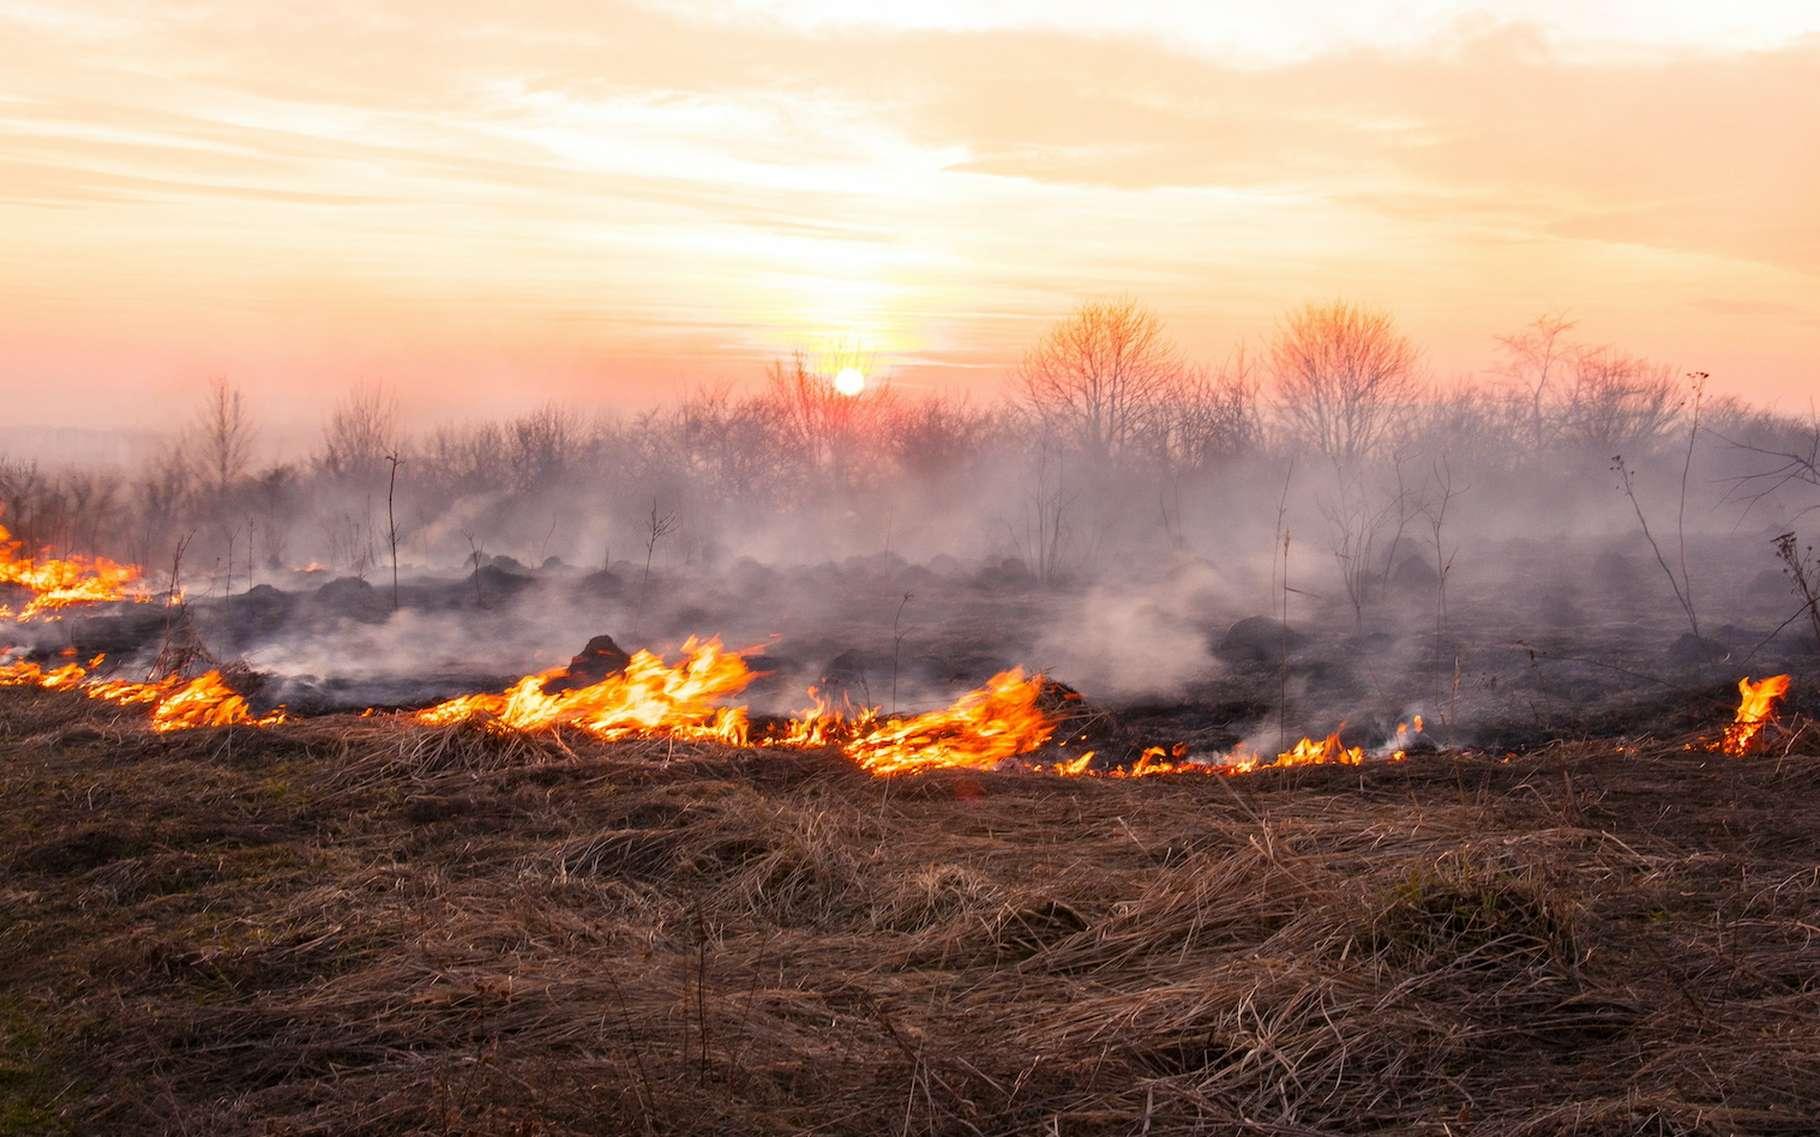 Pour s'installer en Nouvelle-Zélande, les Maoris ont brûlé des zones boisées. Des chercheurs en ont retrouvé des traces jusqu'en Antarctique. © Viktoria, Adobe Stock